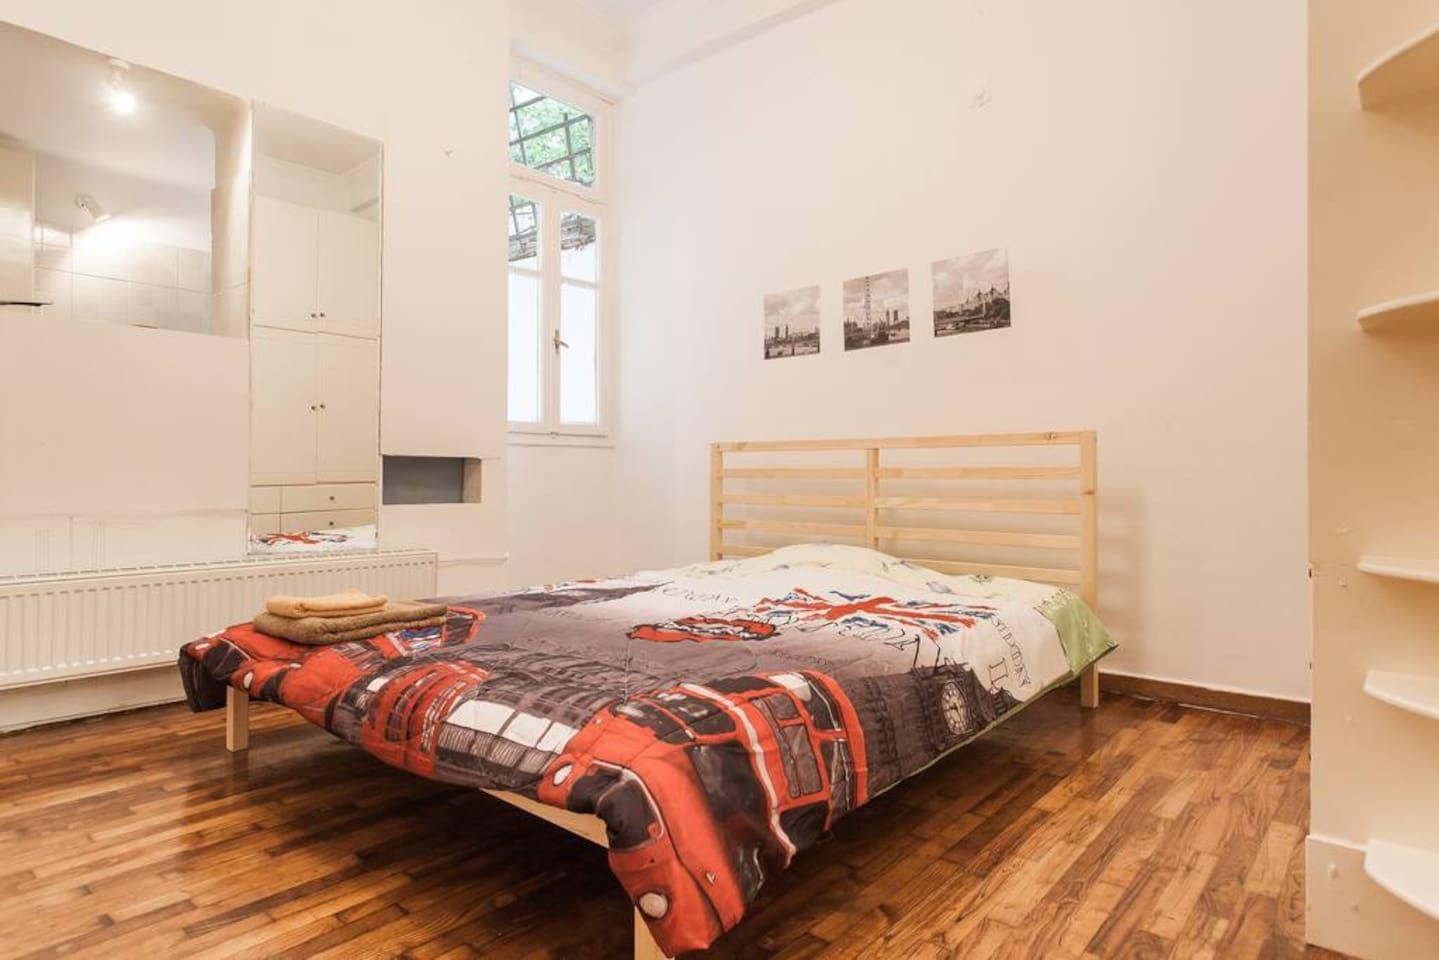 Studio apt with double bed